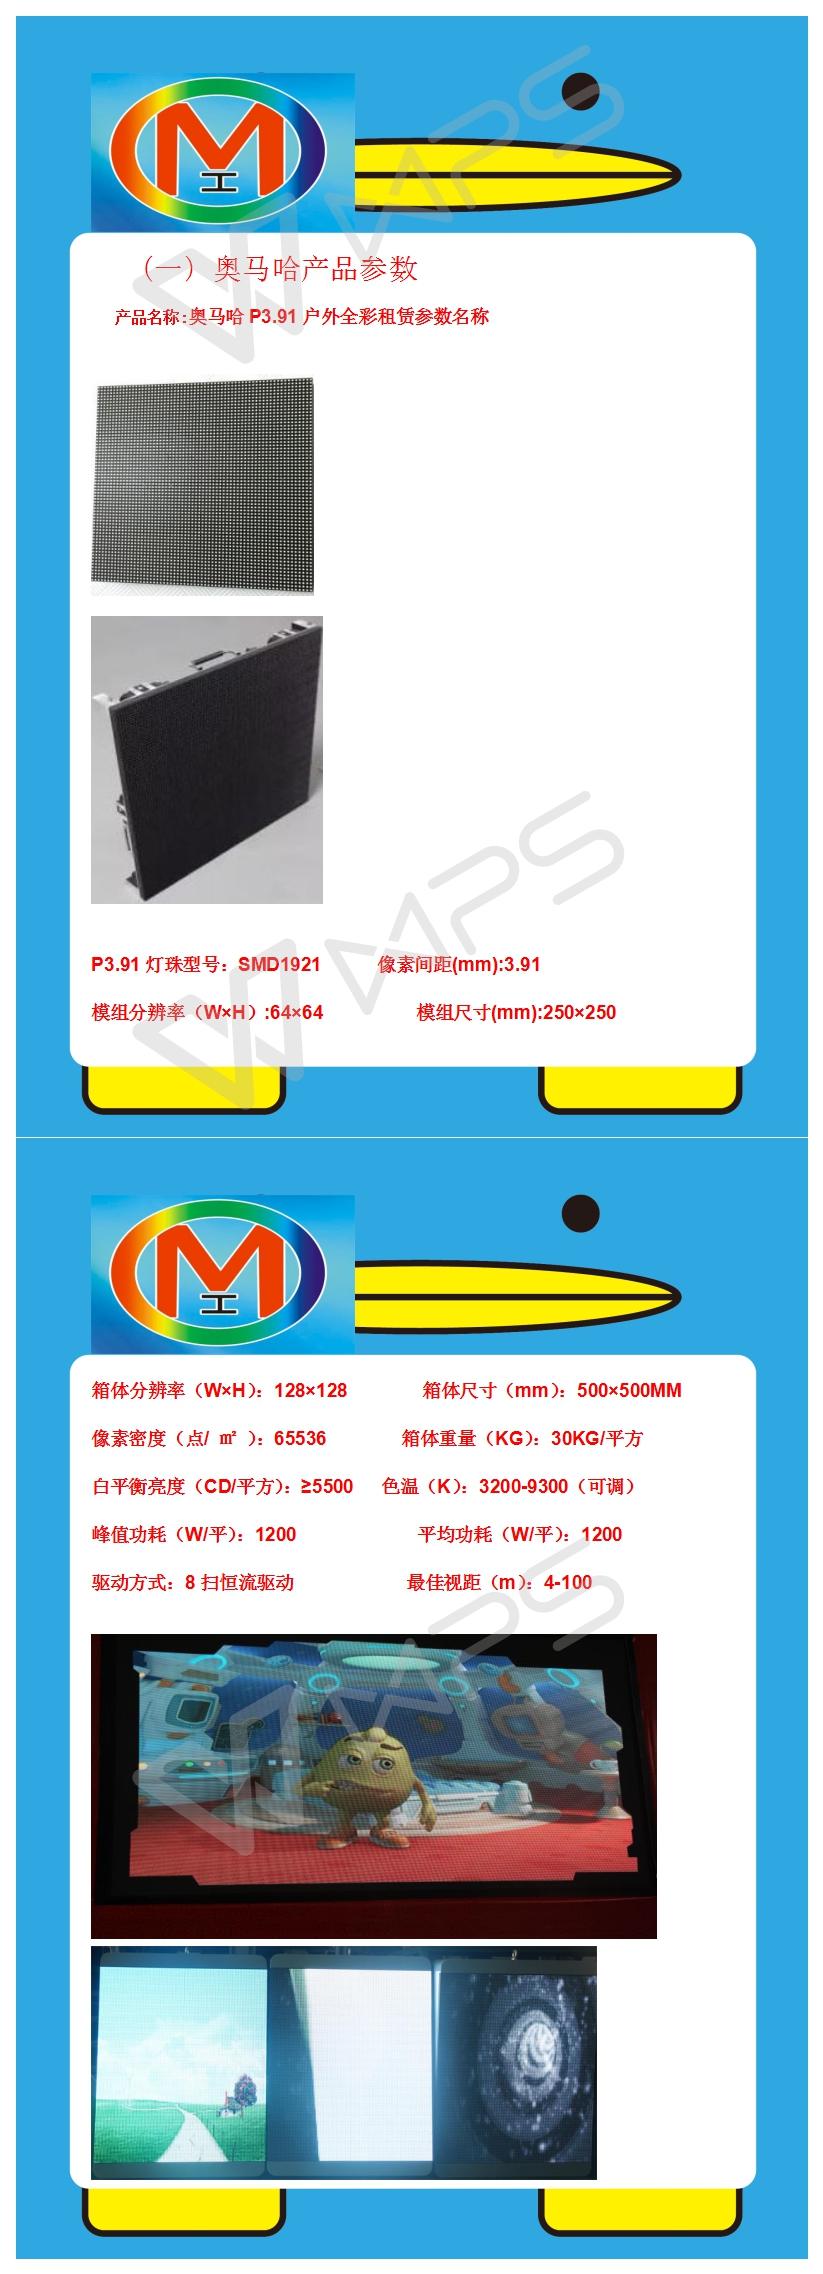 宜昌汉宜酒店LED户外舞台屏专用P3.91租赁箱体(奥马哈)